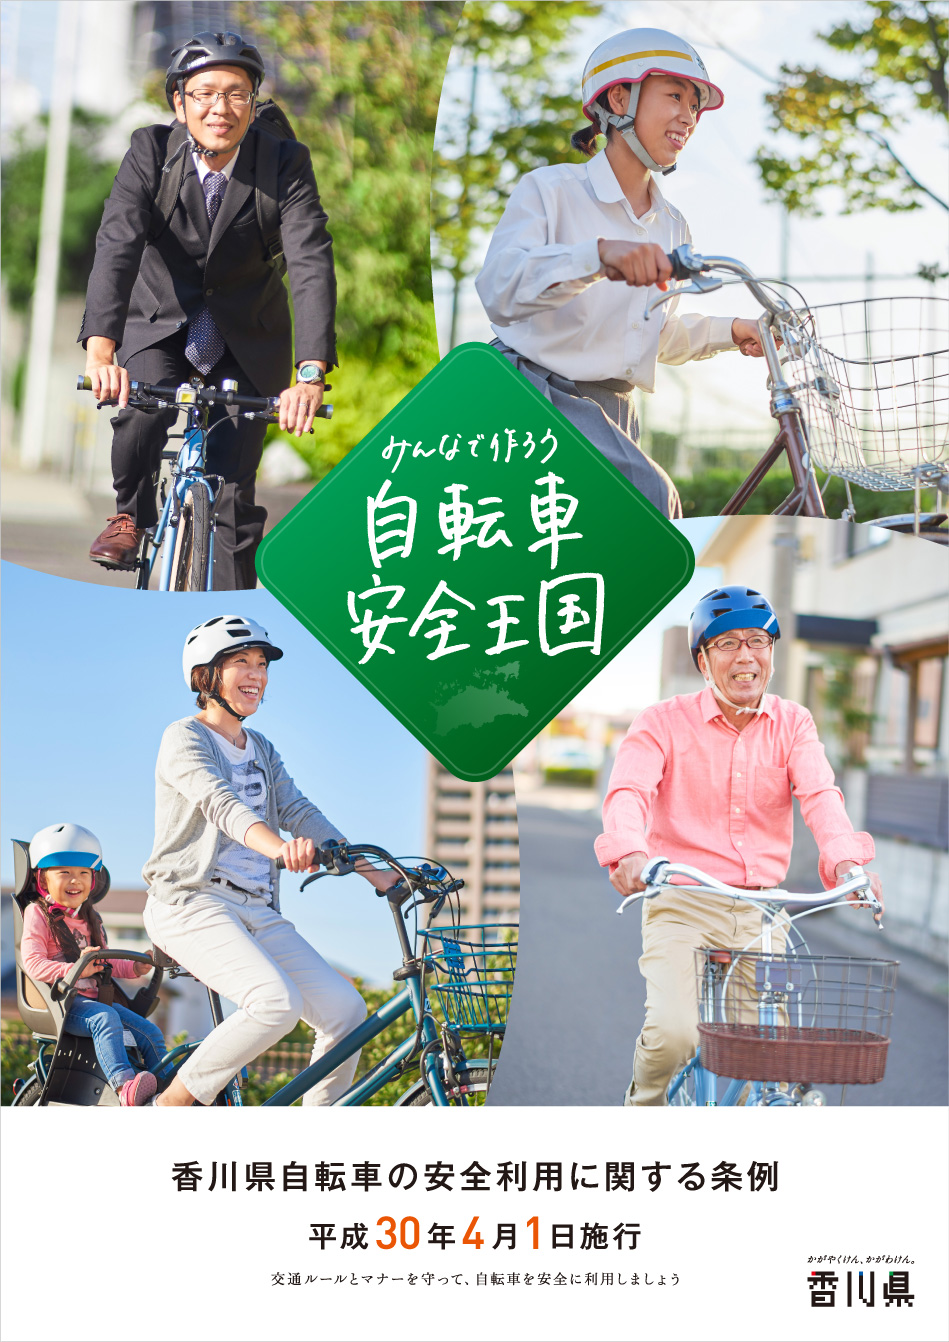 香川県,自転車,条例,ポスター